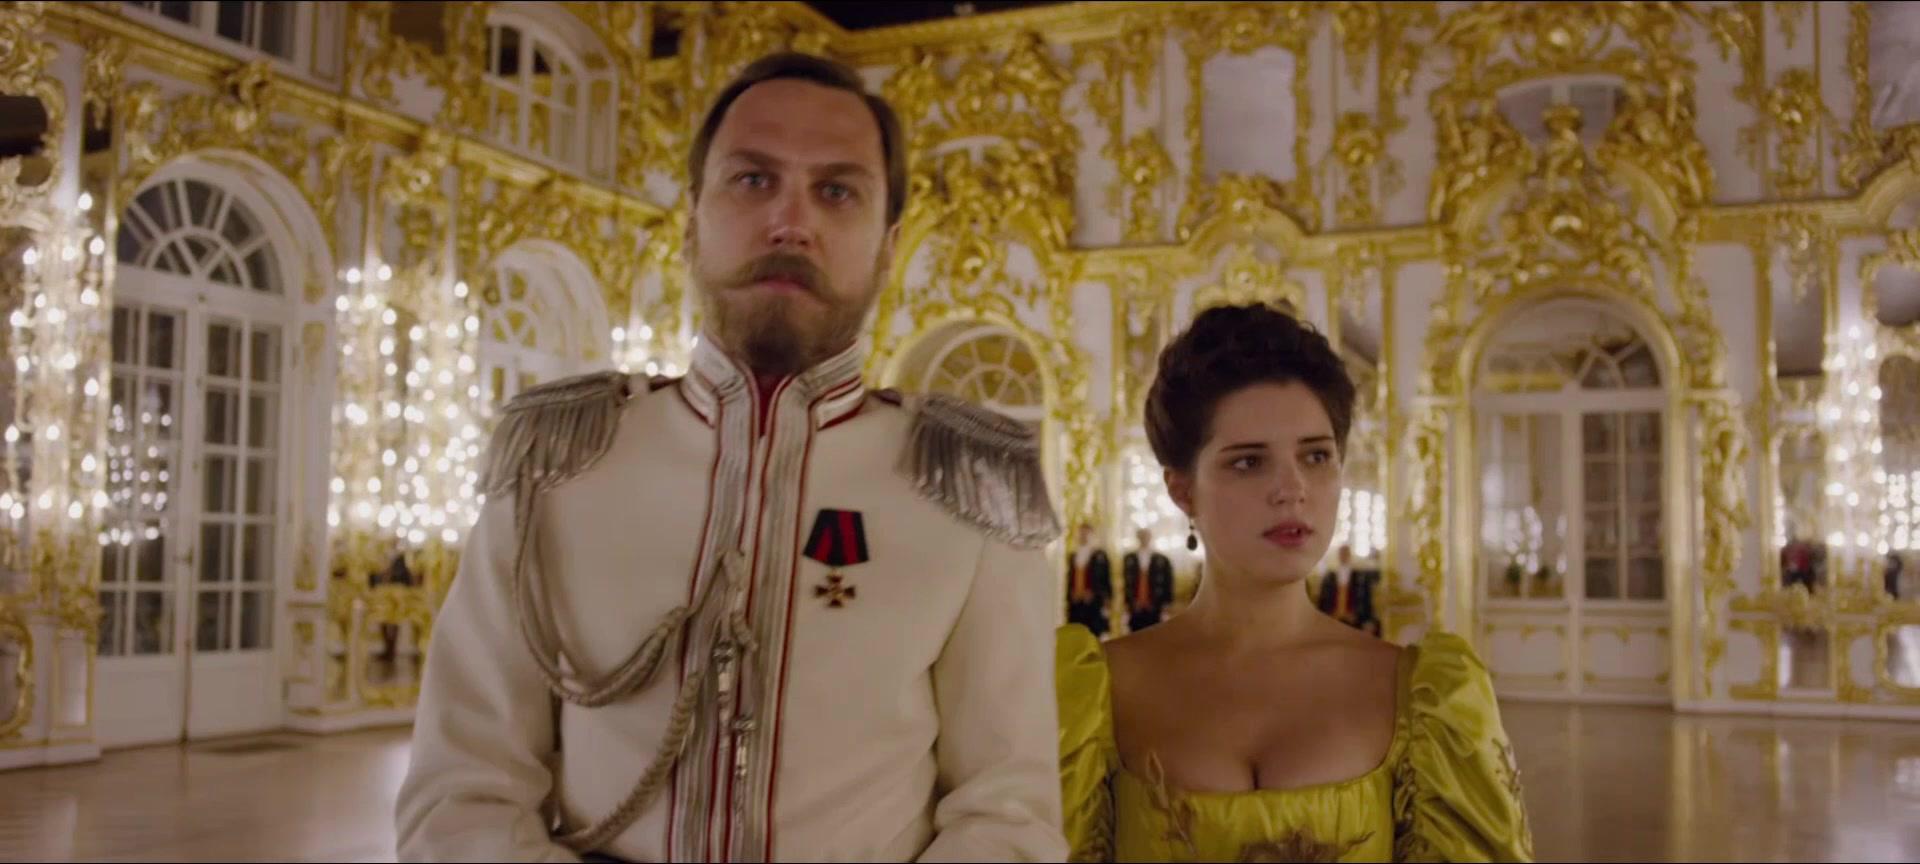 Мелодрамы  Смотреть фильмы онлайн бесплатно на newkinonet